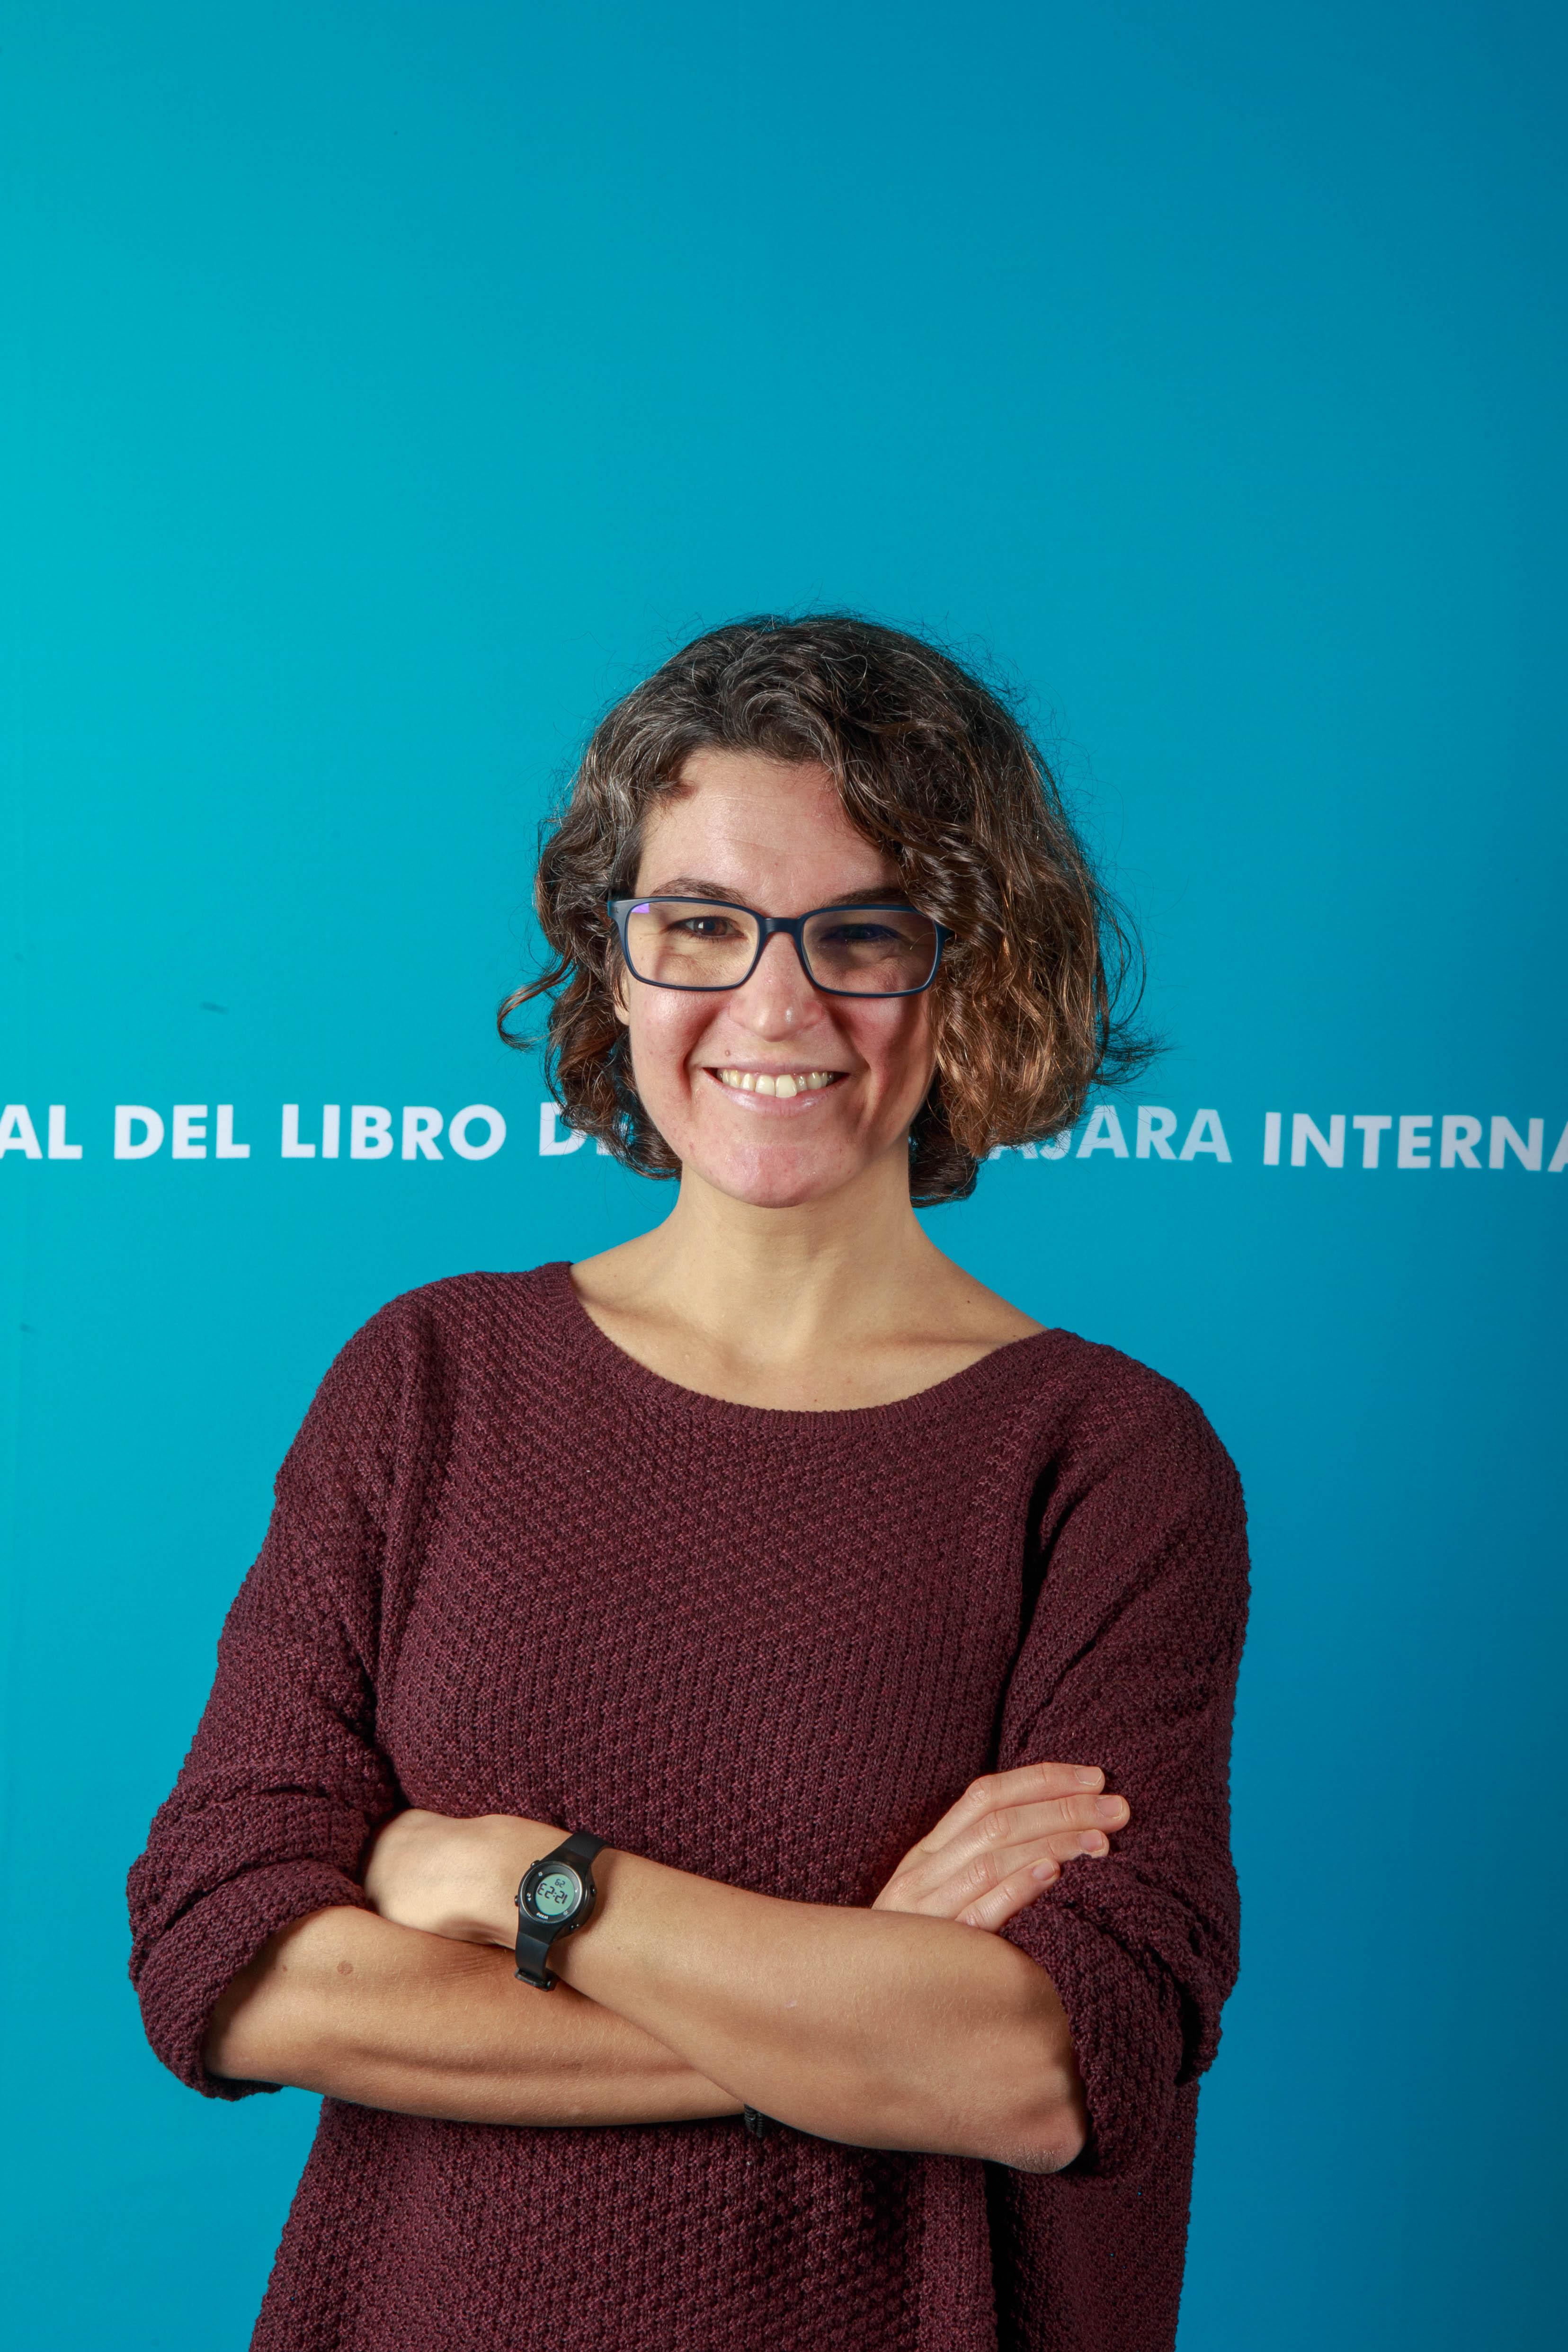 Helena González-Burón